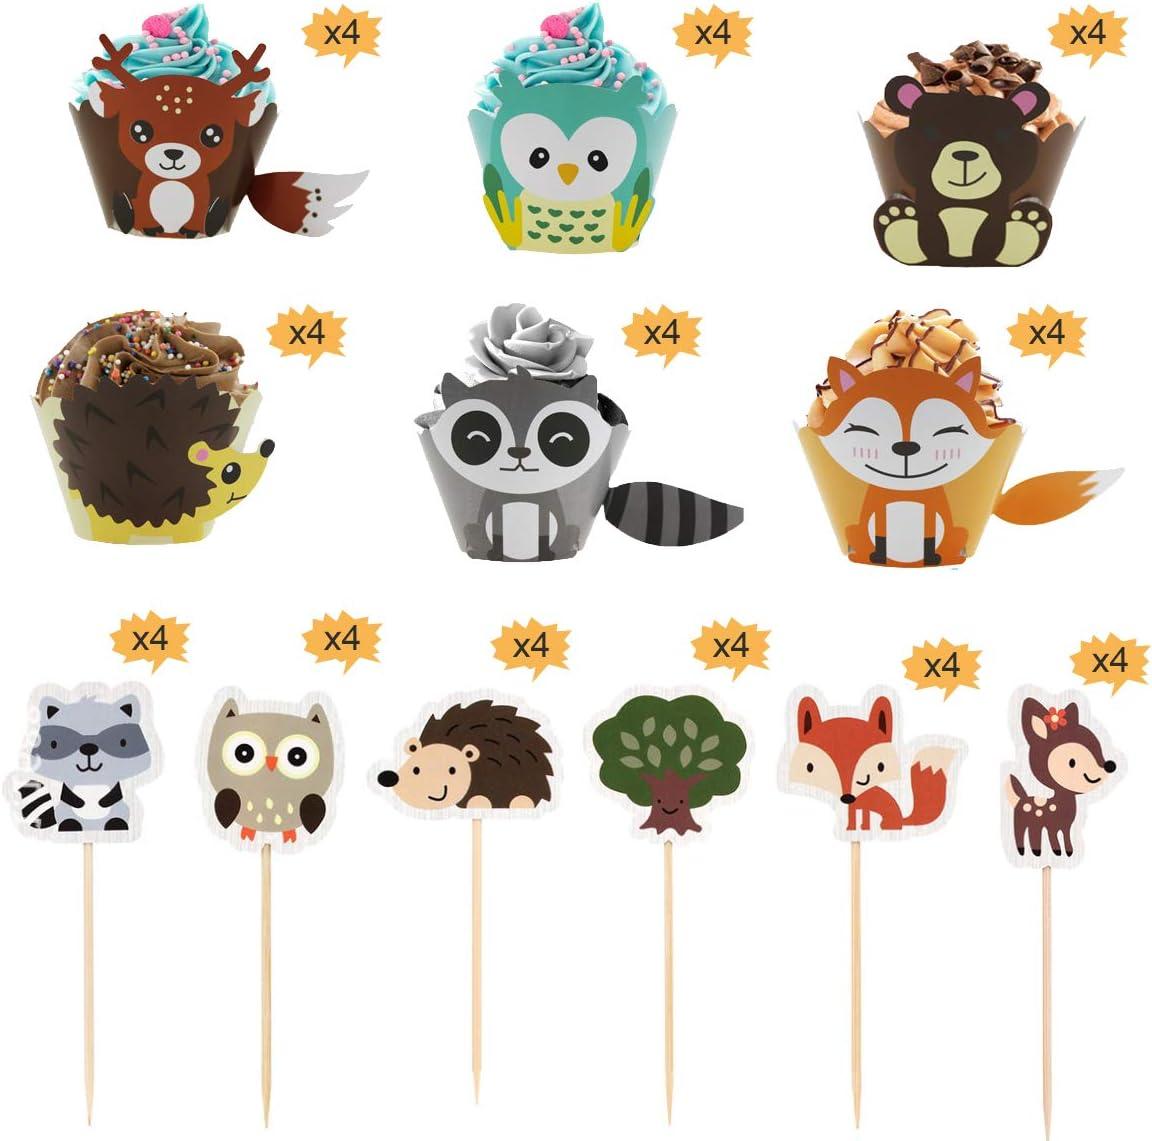 Lion pour Gar/çons Singe Z/èbre F/ête danniversaire pour Enfants Baby Shower Keleily Dinosaur Cupcake Topper 45pcs Topper Cupcake Animaux Jungle et Wrapper y Compris /Él/éphant